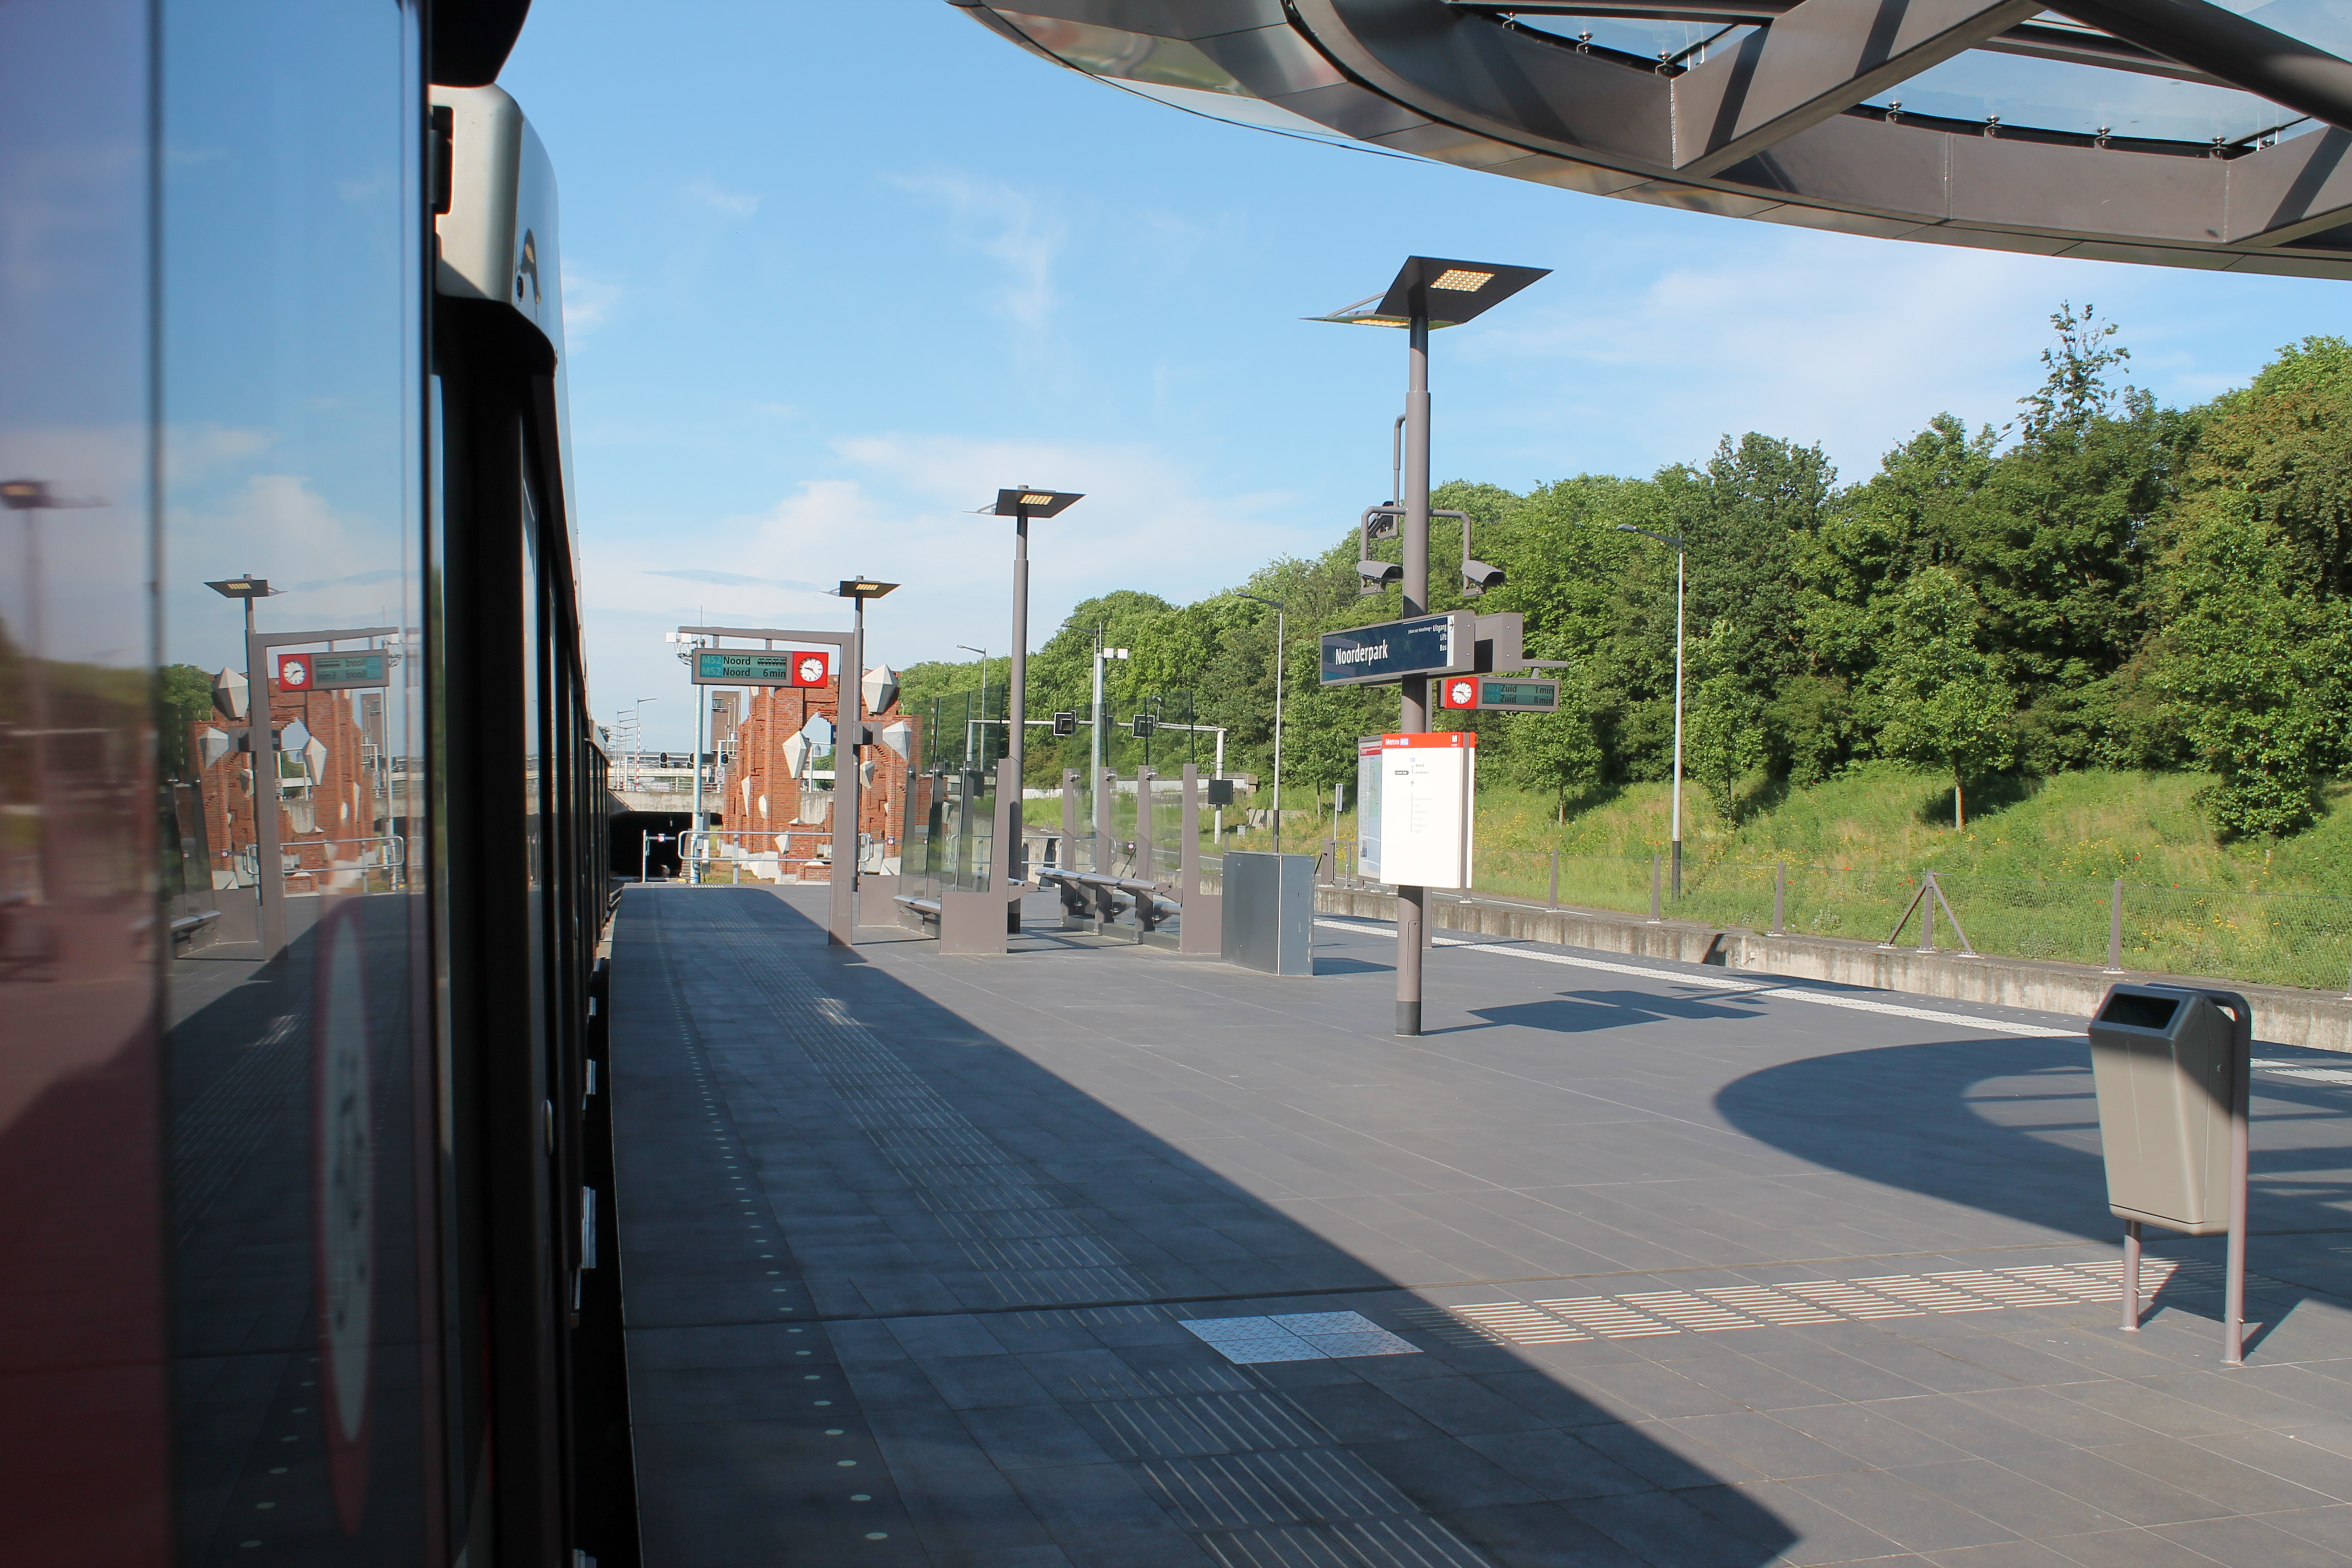 Uit de cijfers van GVB blijkt dat gemiddeld ongeveer 84.000 reizigers per dag de Noord/Zuidlijn nemen. (Foto: Wendy Ruittemanz/RM)